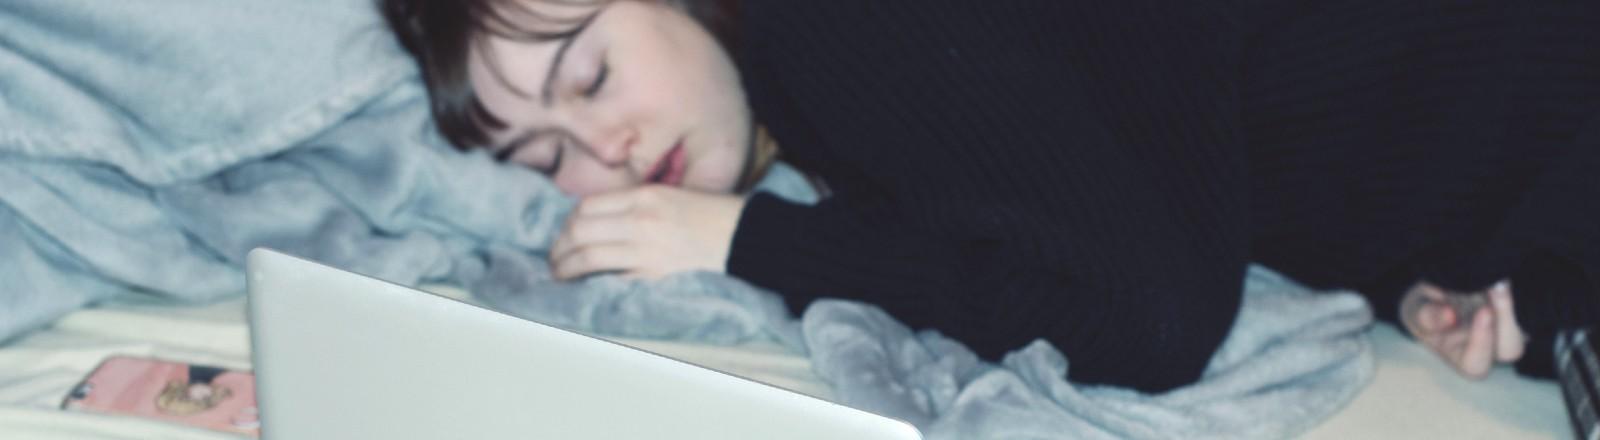 Frau liegt auf dem Bett und schläft. Neben ihr steht ein Laptop und daneben liegt eine Brille.